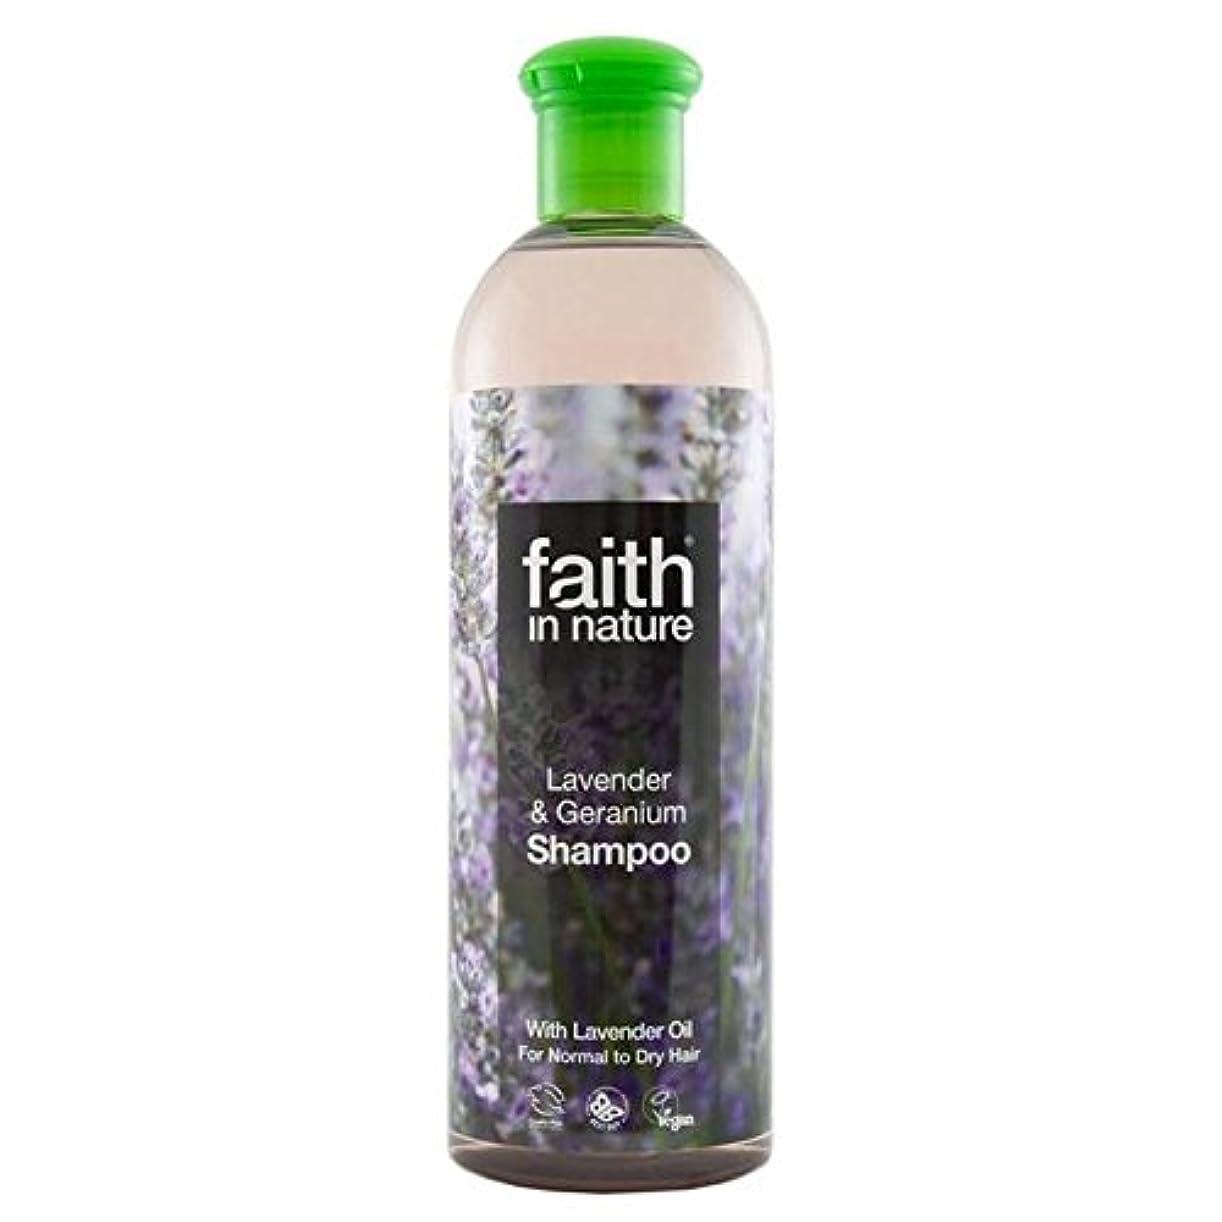 勢いペインティングクックFaith in Nature Lavender & Geranium Shampoo 740ml - (Faith In Nature) 自然ラベンダー&ゼラニウムのシャンプー740ミリリットルの信仰 [並行輸入品]